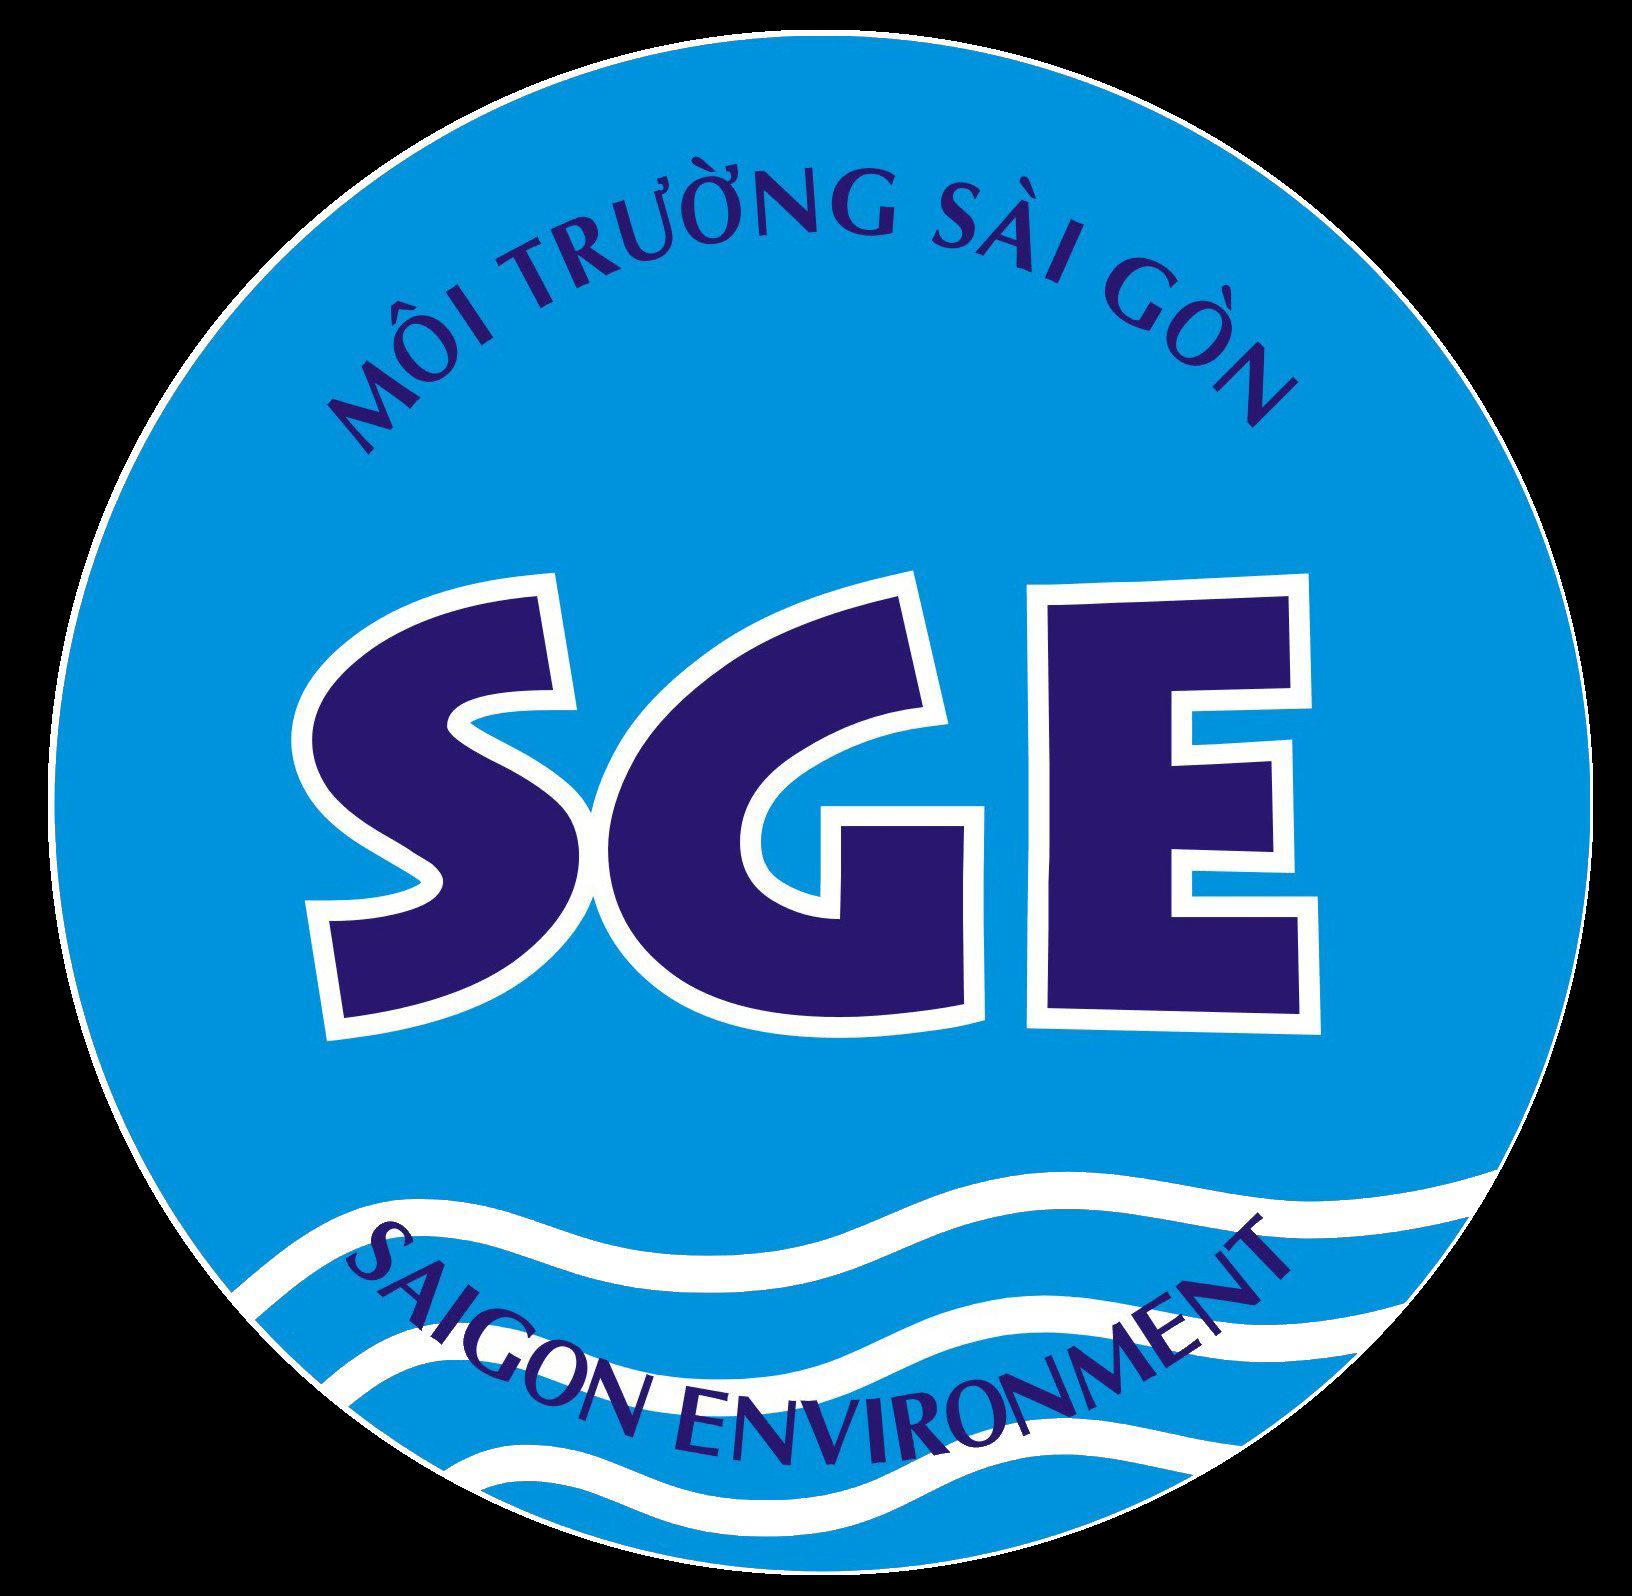 Công ty TNHH Công nghệ Kỹ thuật Môi Trường Sài Gòn